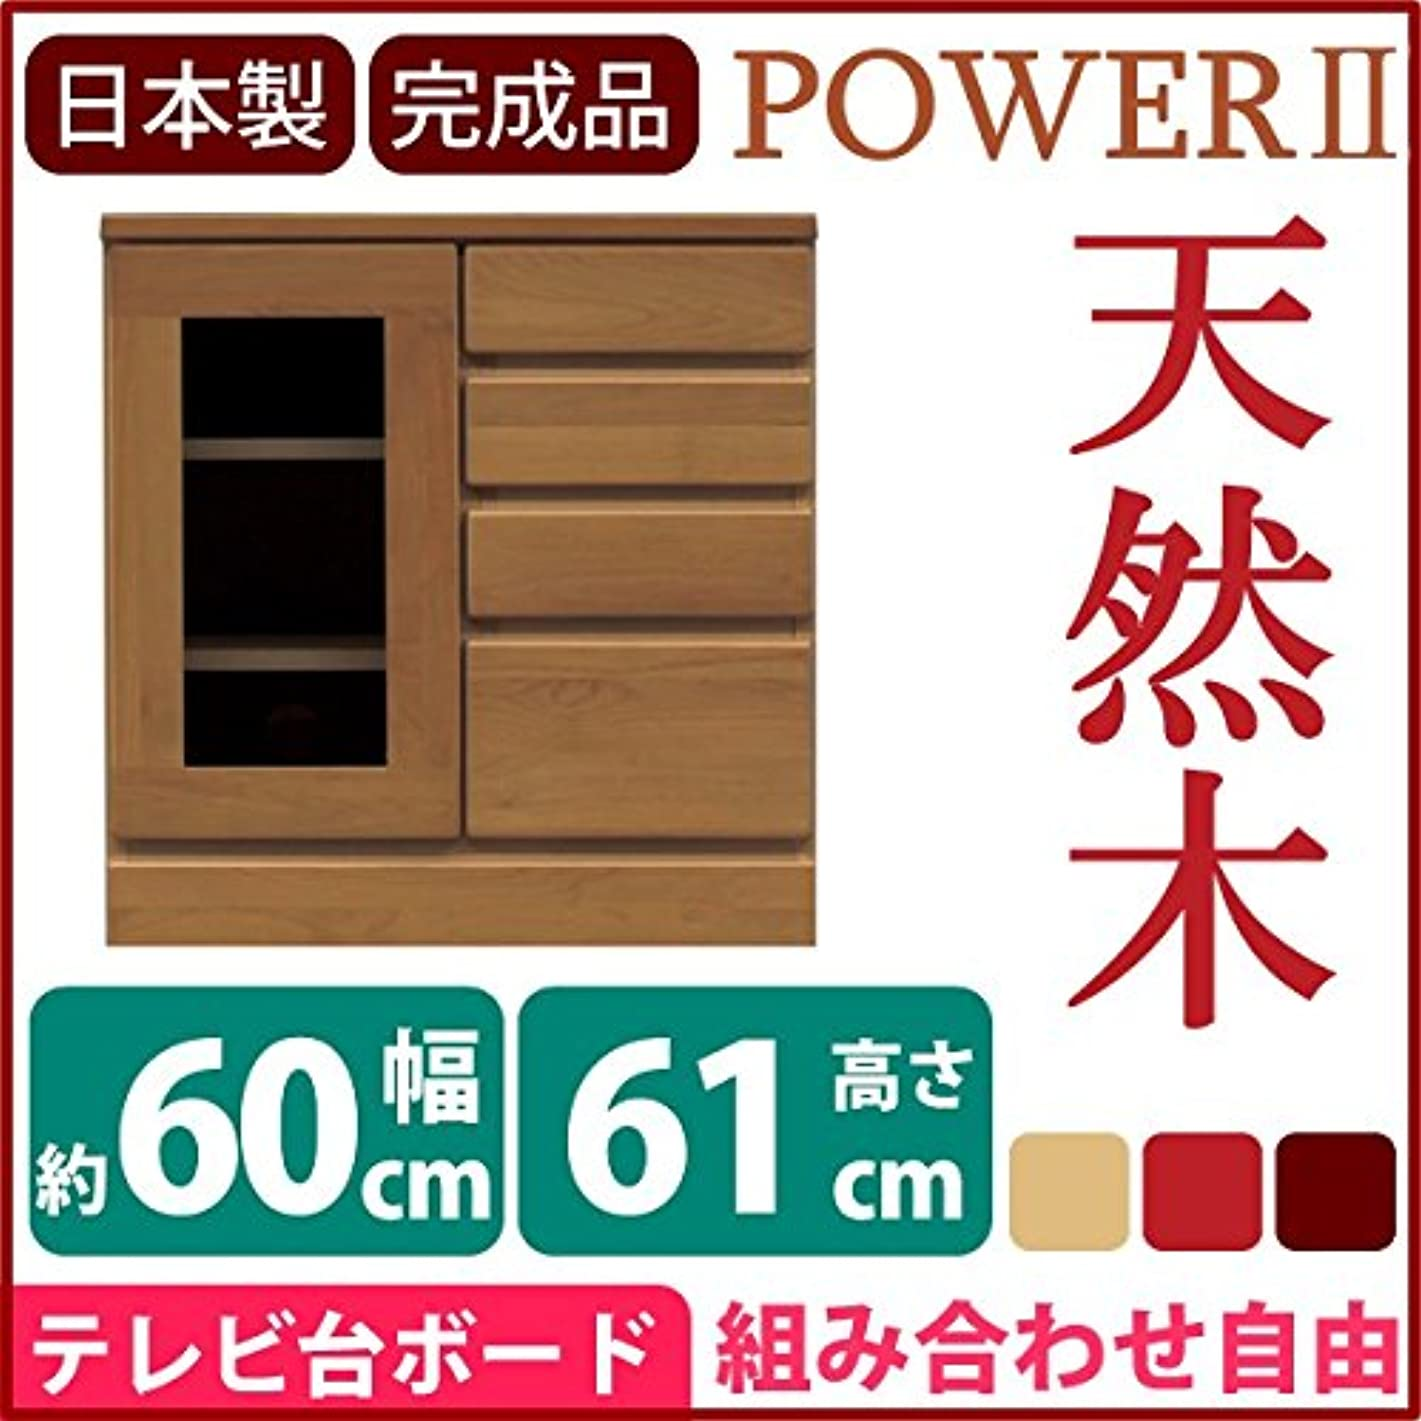 光電シンボル過去4段ローボード/テレビ台 [Bタイプ/幅60cm:20型~26型対応] 木製 扉収納付き 日本製 ブラウン [完成品]